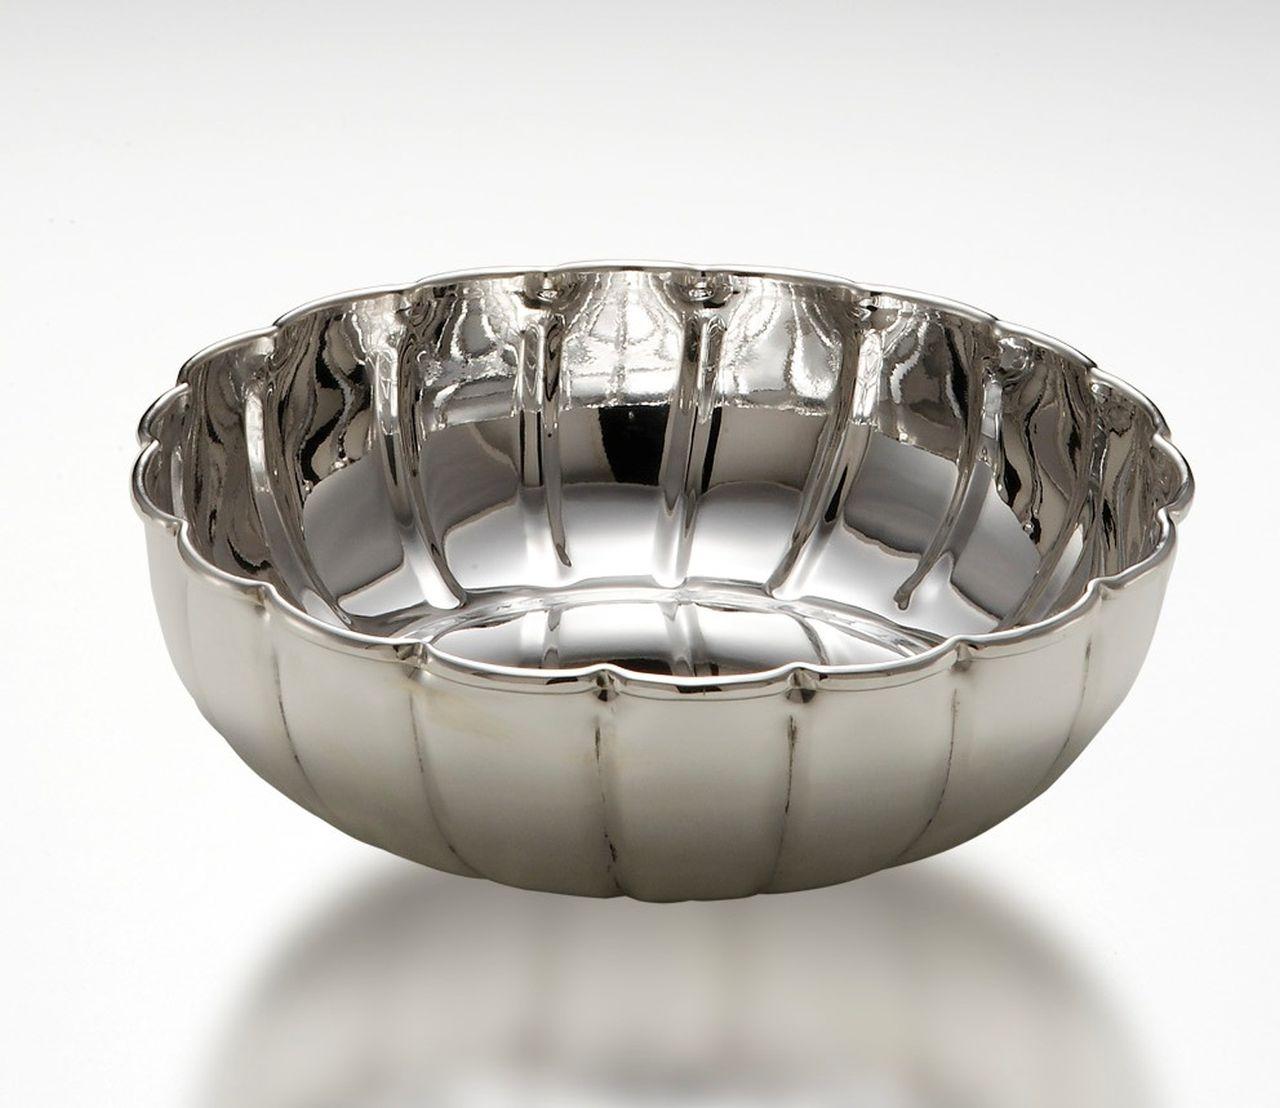 Ciotola tonda modello Benedetta in metallo placcato argento cm.5h diam.16